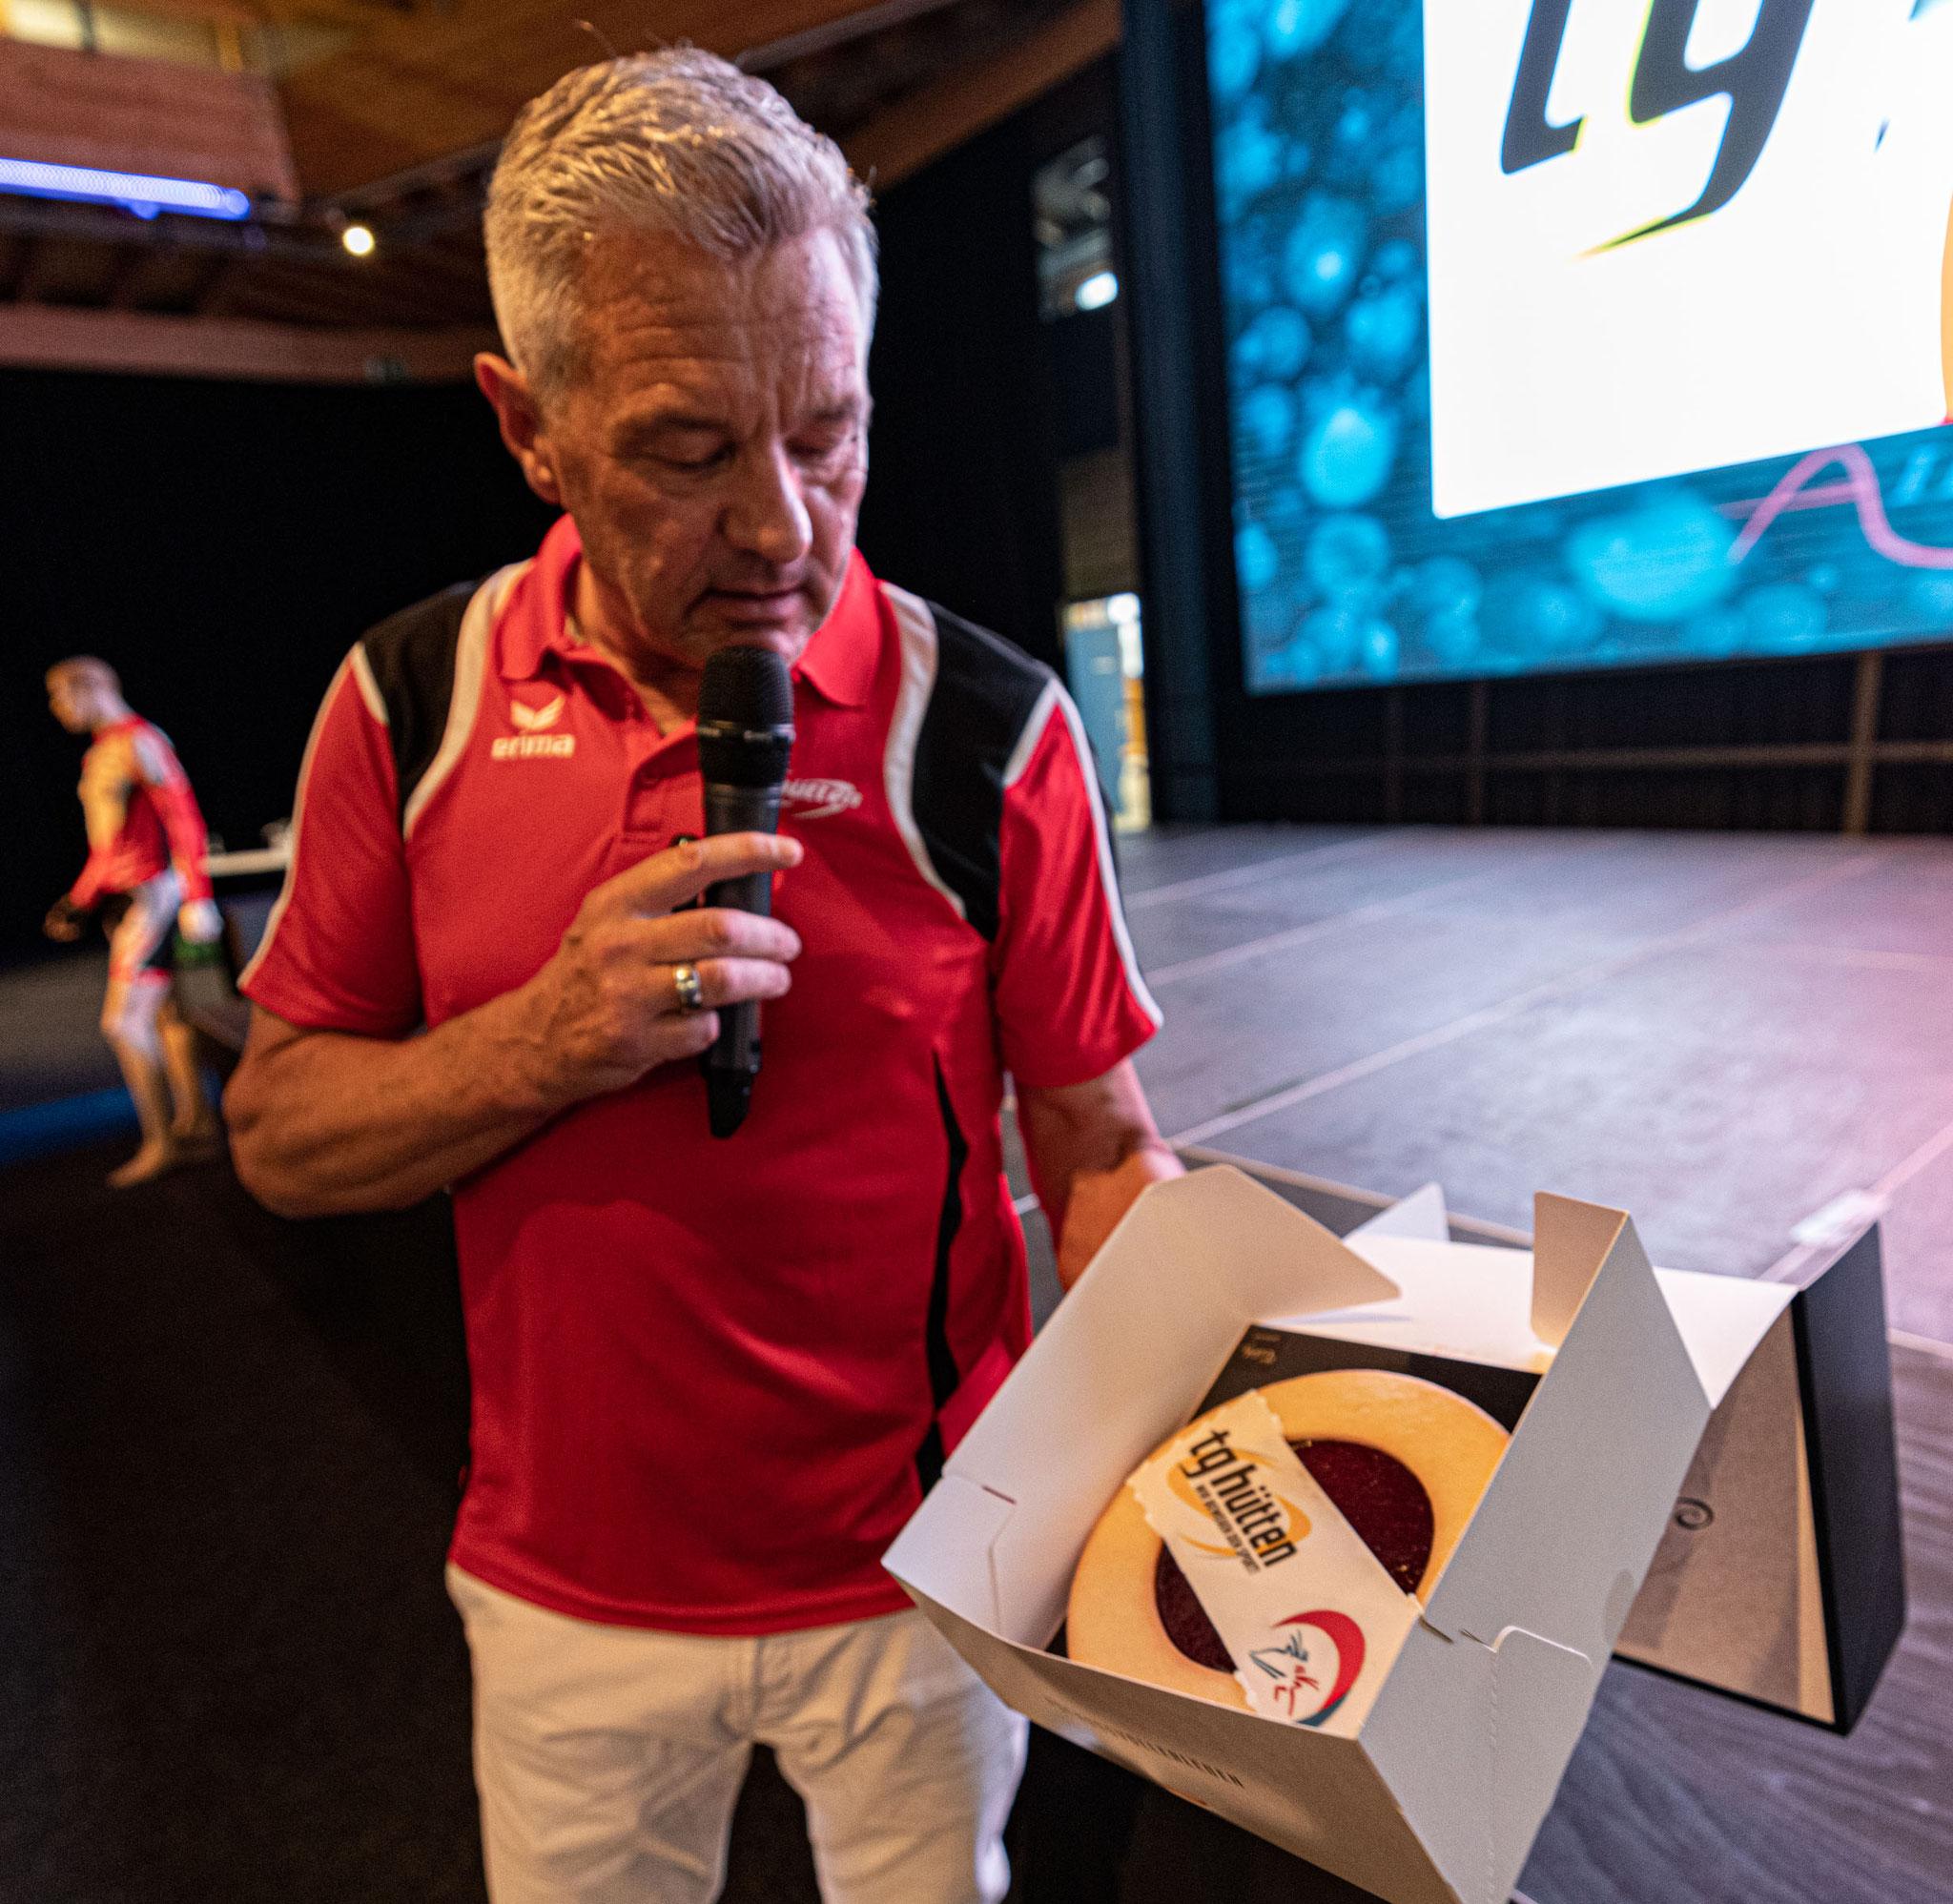 Urs würdigt Laurien van den Graaf für die silberne Medaille an der Nordisch WM im Team Sprint